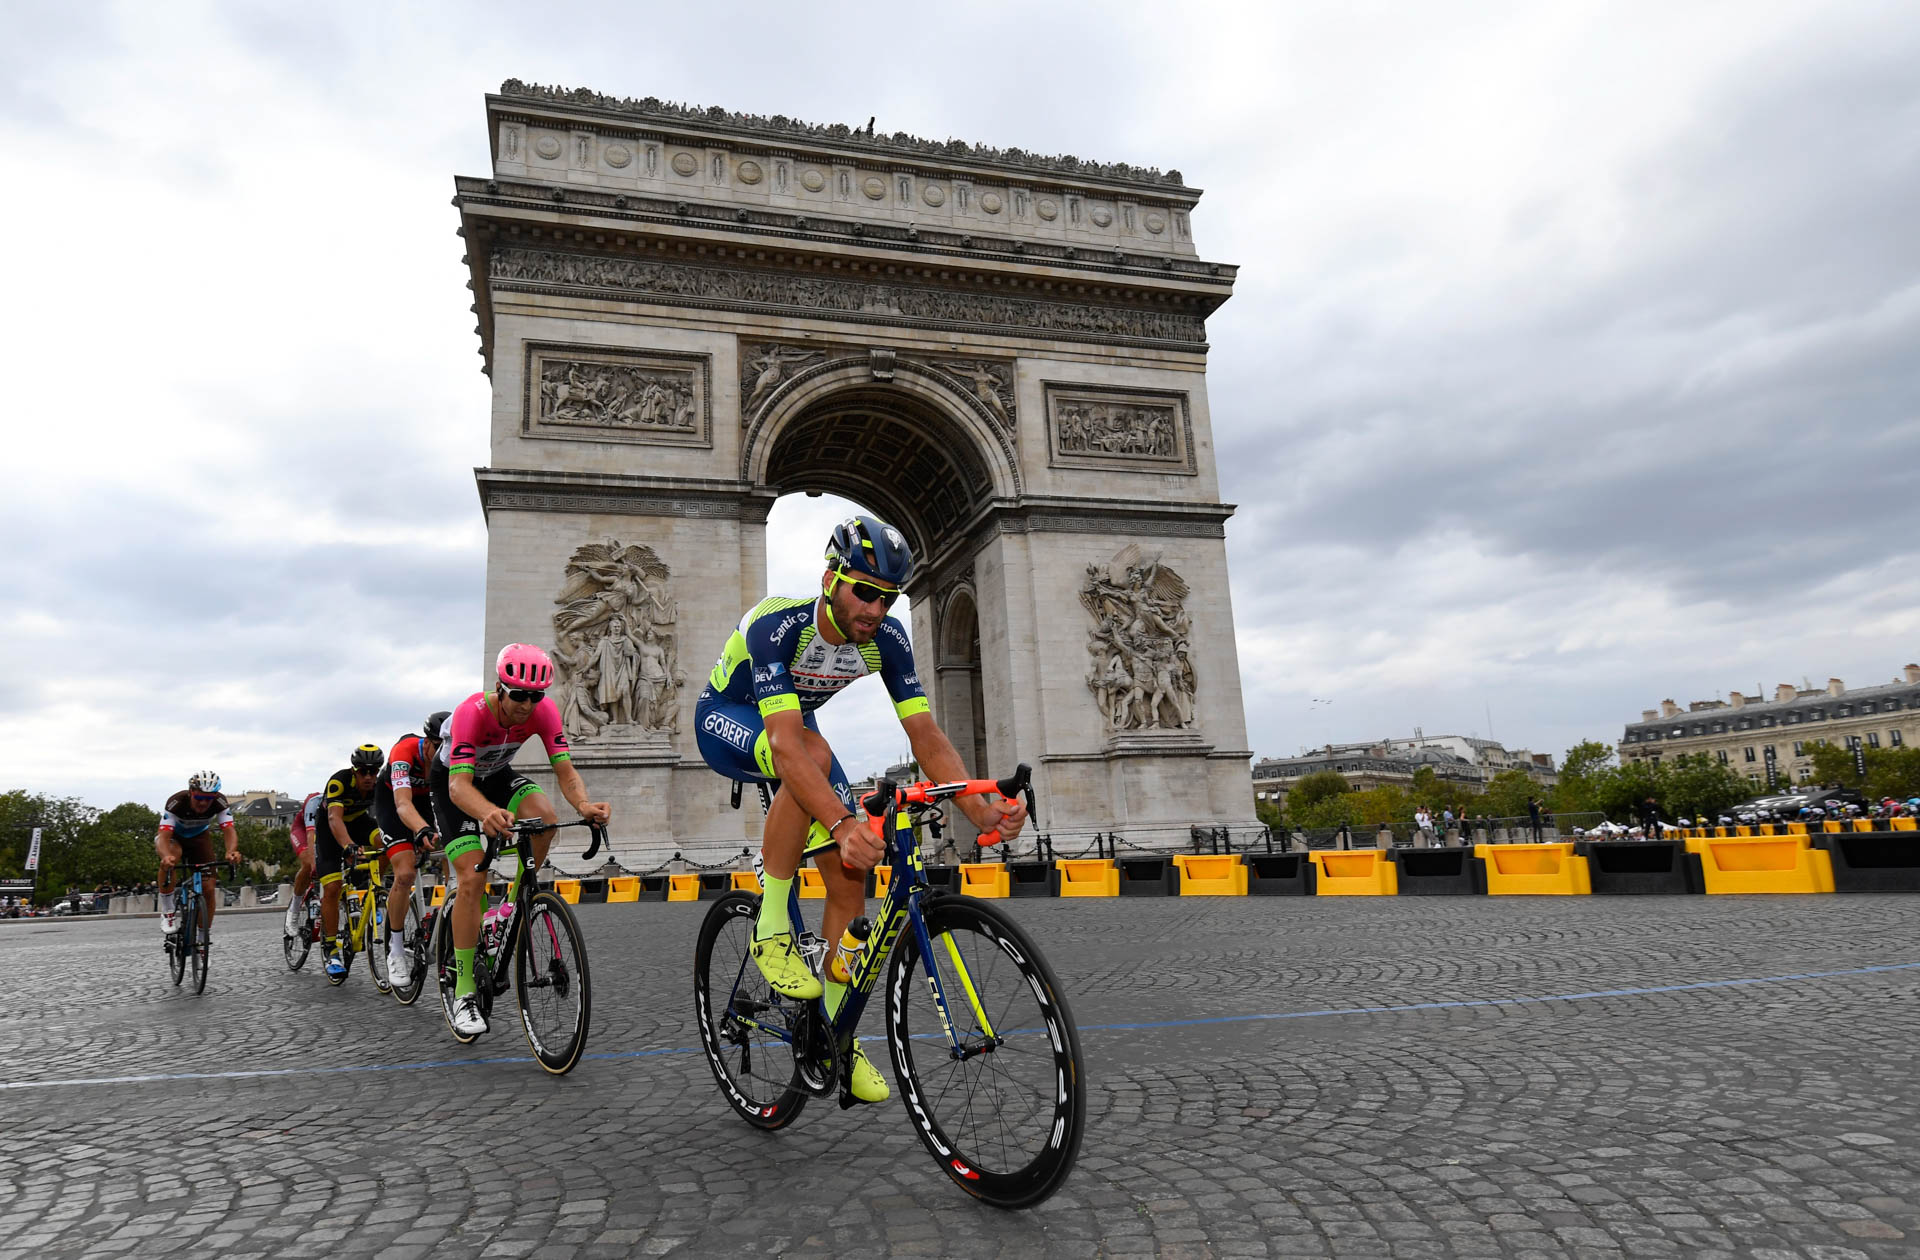 Guillaume VanKeirsbulck à l'attaque sur la dernière étape du Tour de France 2018 sur les Champs Elysées.